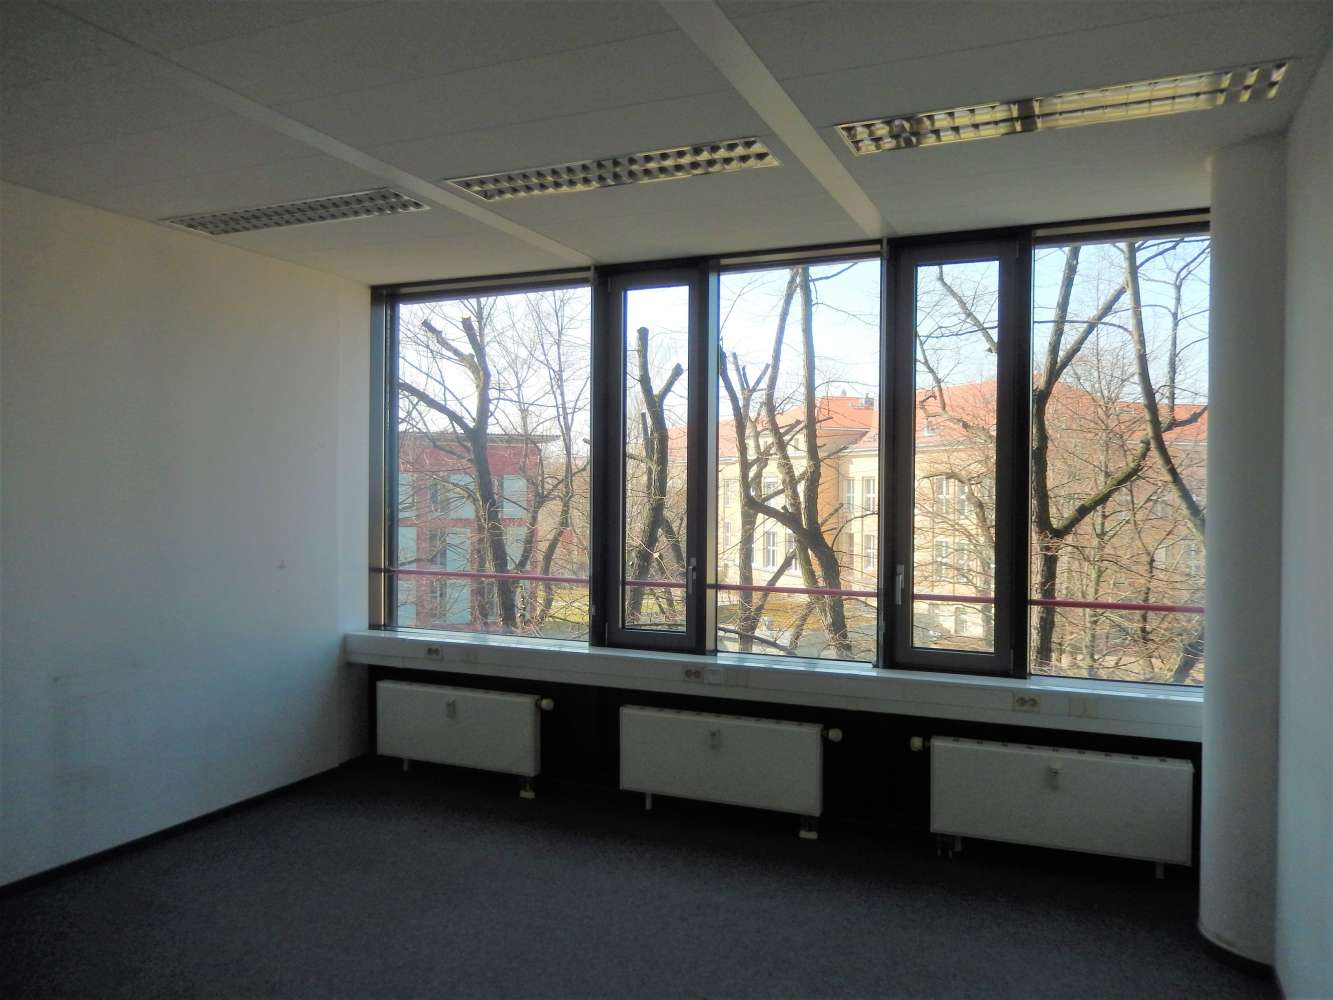 Büros Leipzig, 04317 - Büro - Leipzig, Reudnitz-Thonberg - B1681 - 10191986